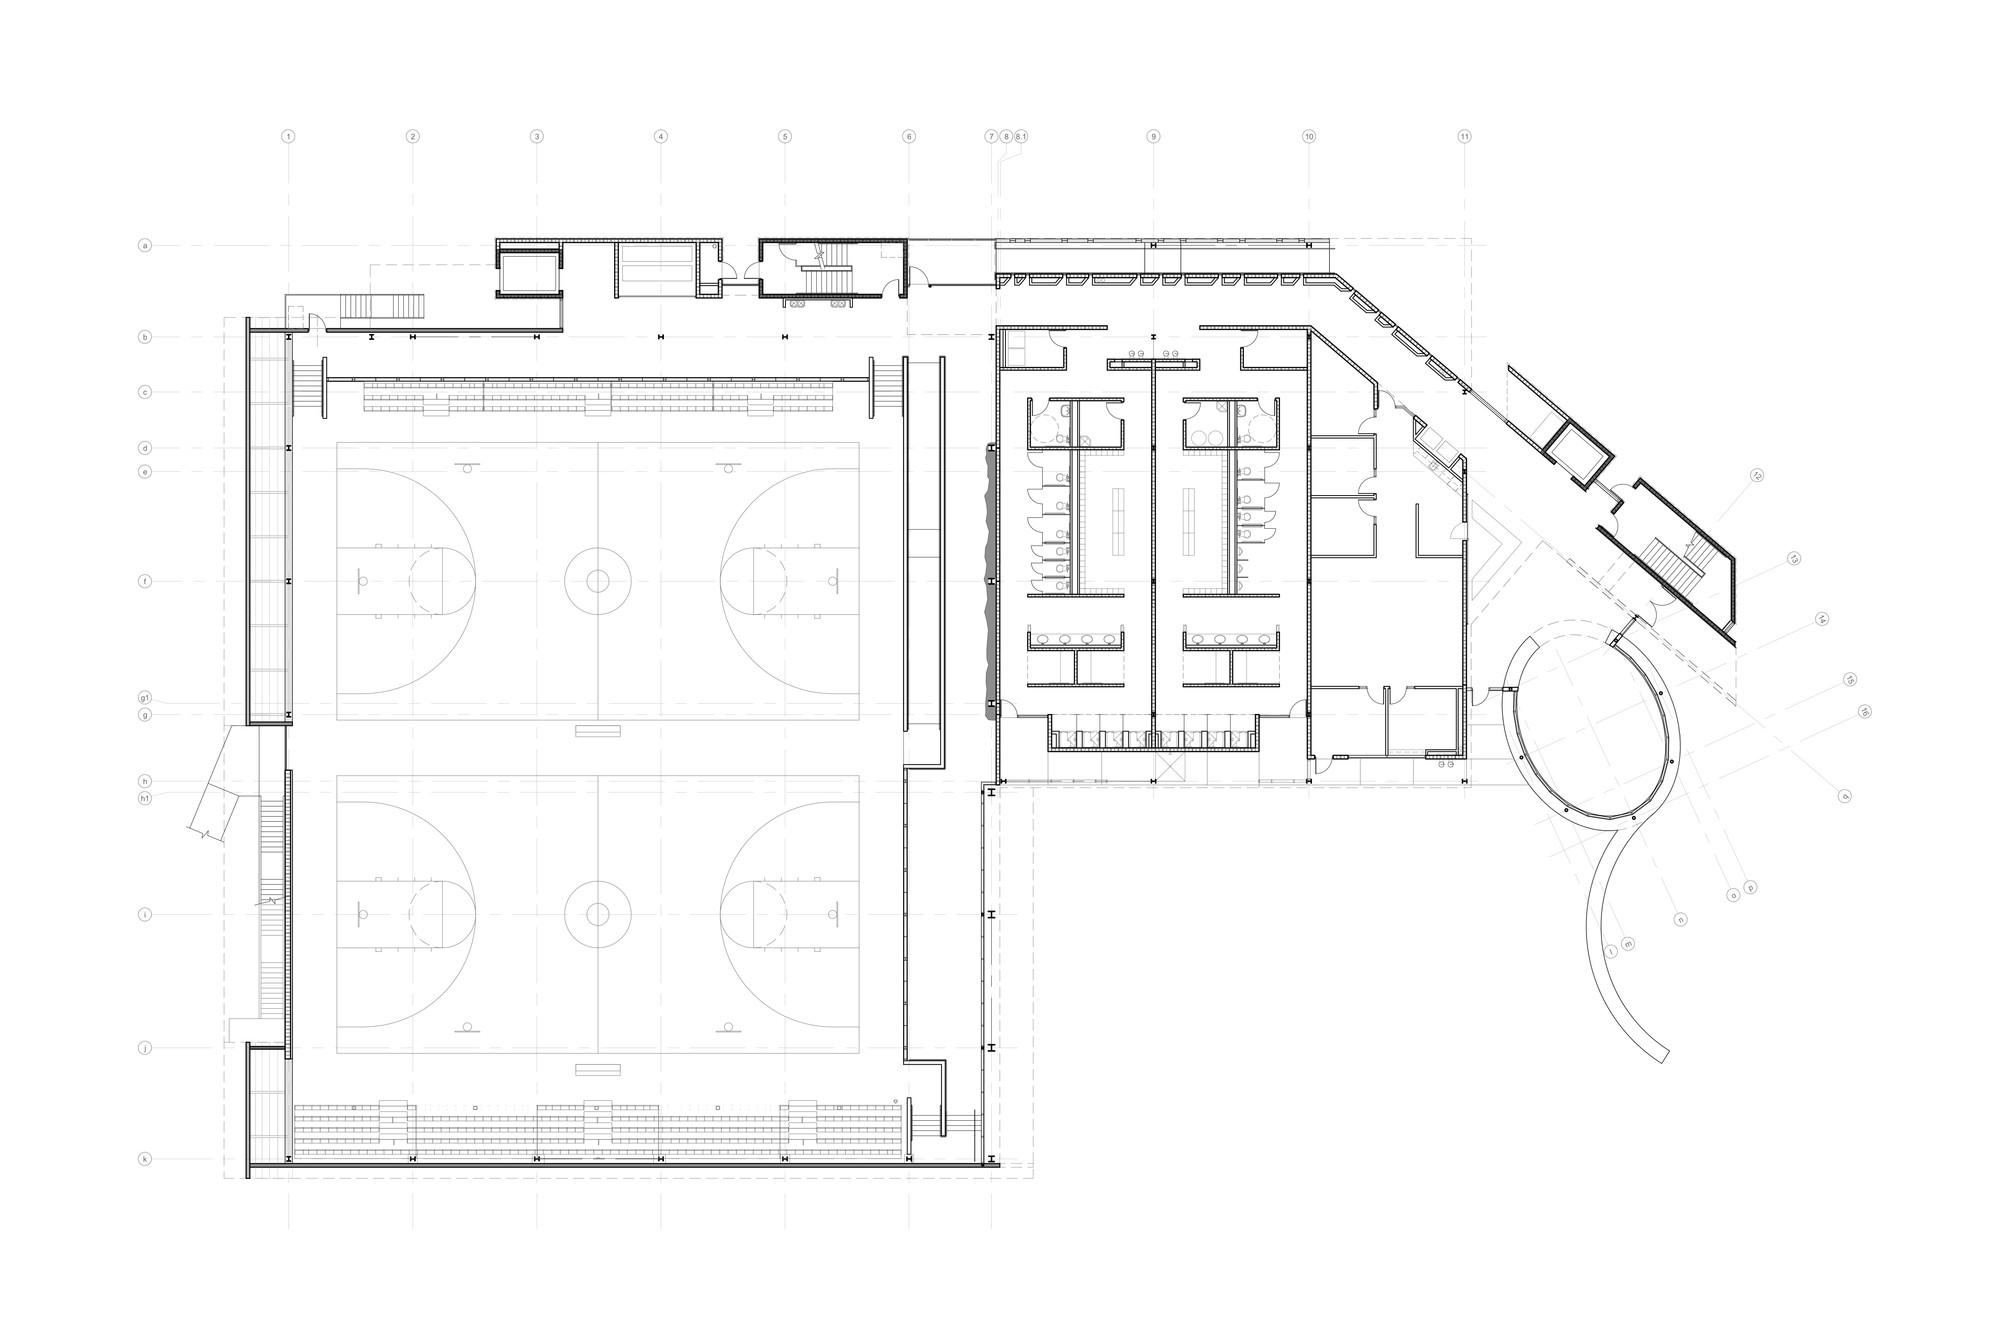 Дизайн спортивного комплекса: планировка